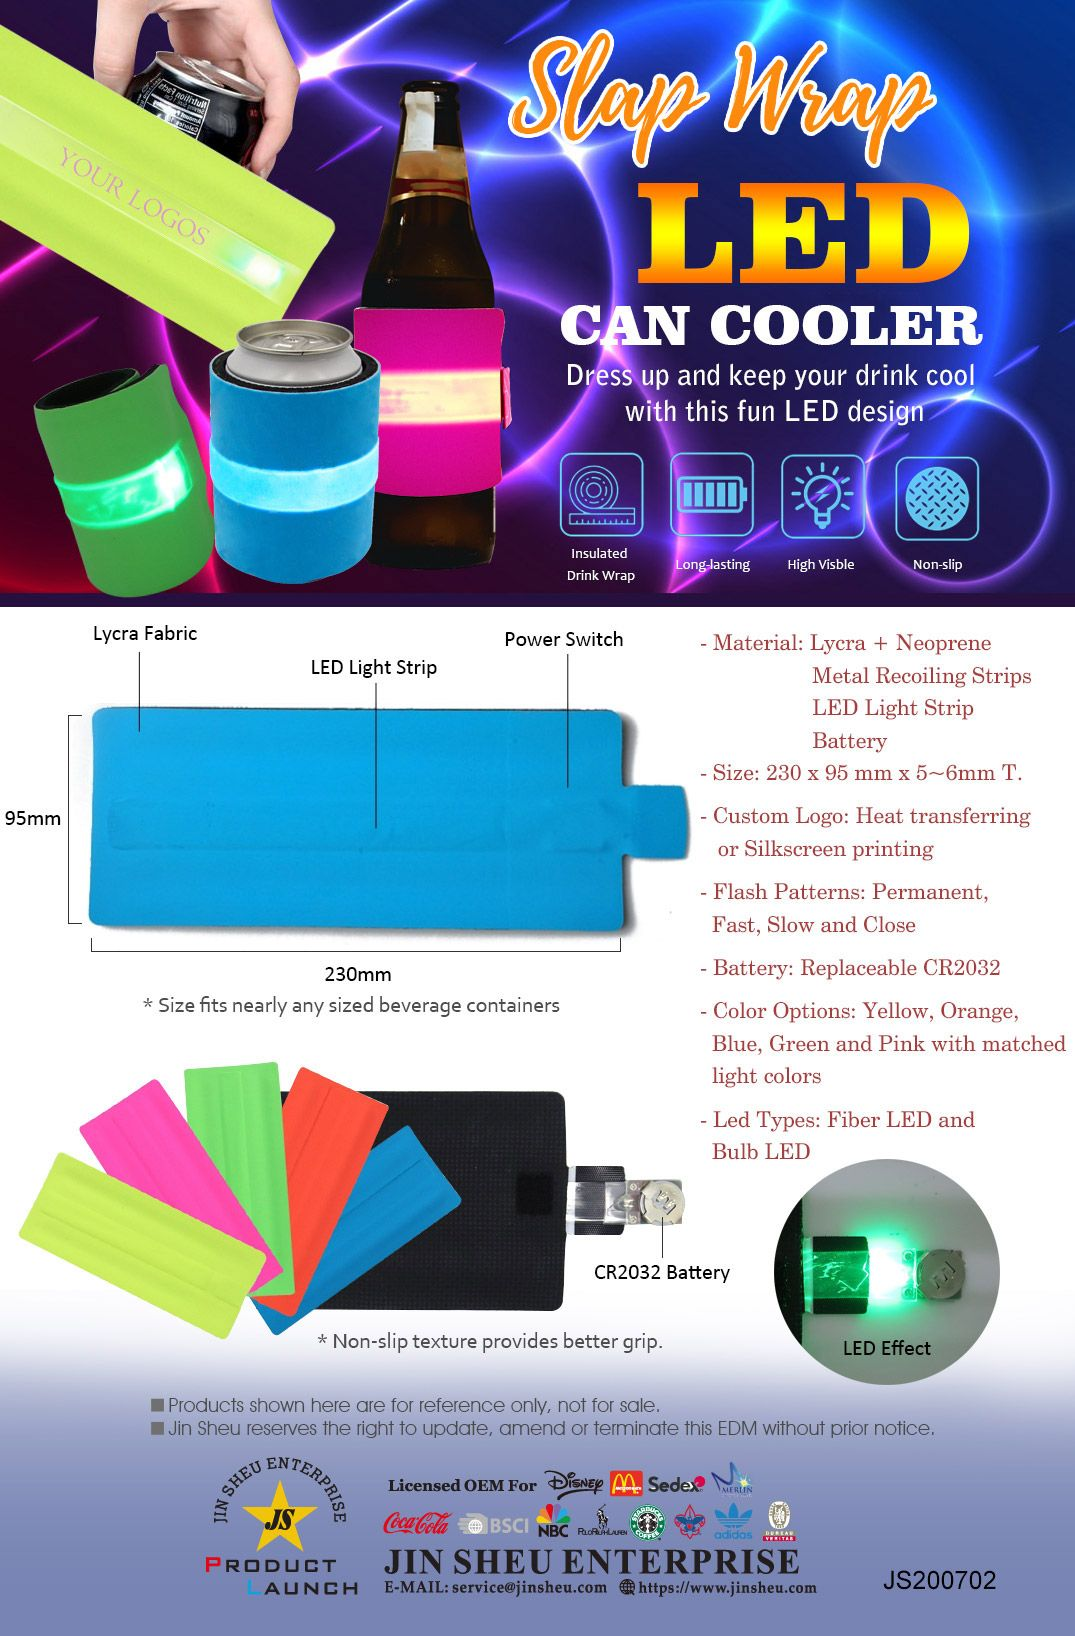 LED slap can cooler